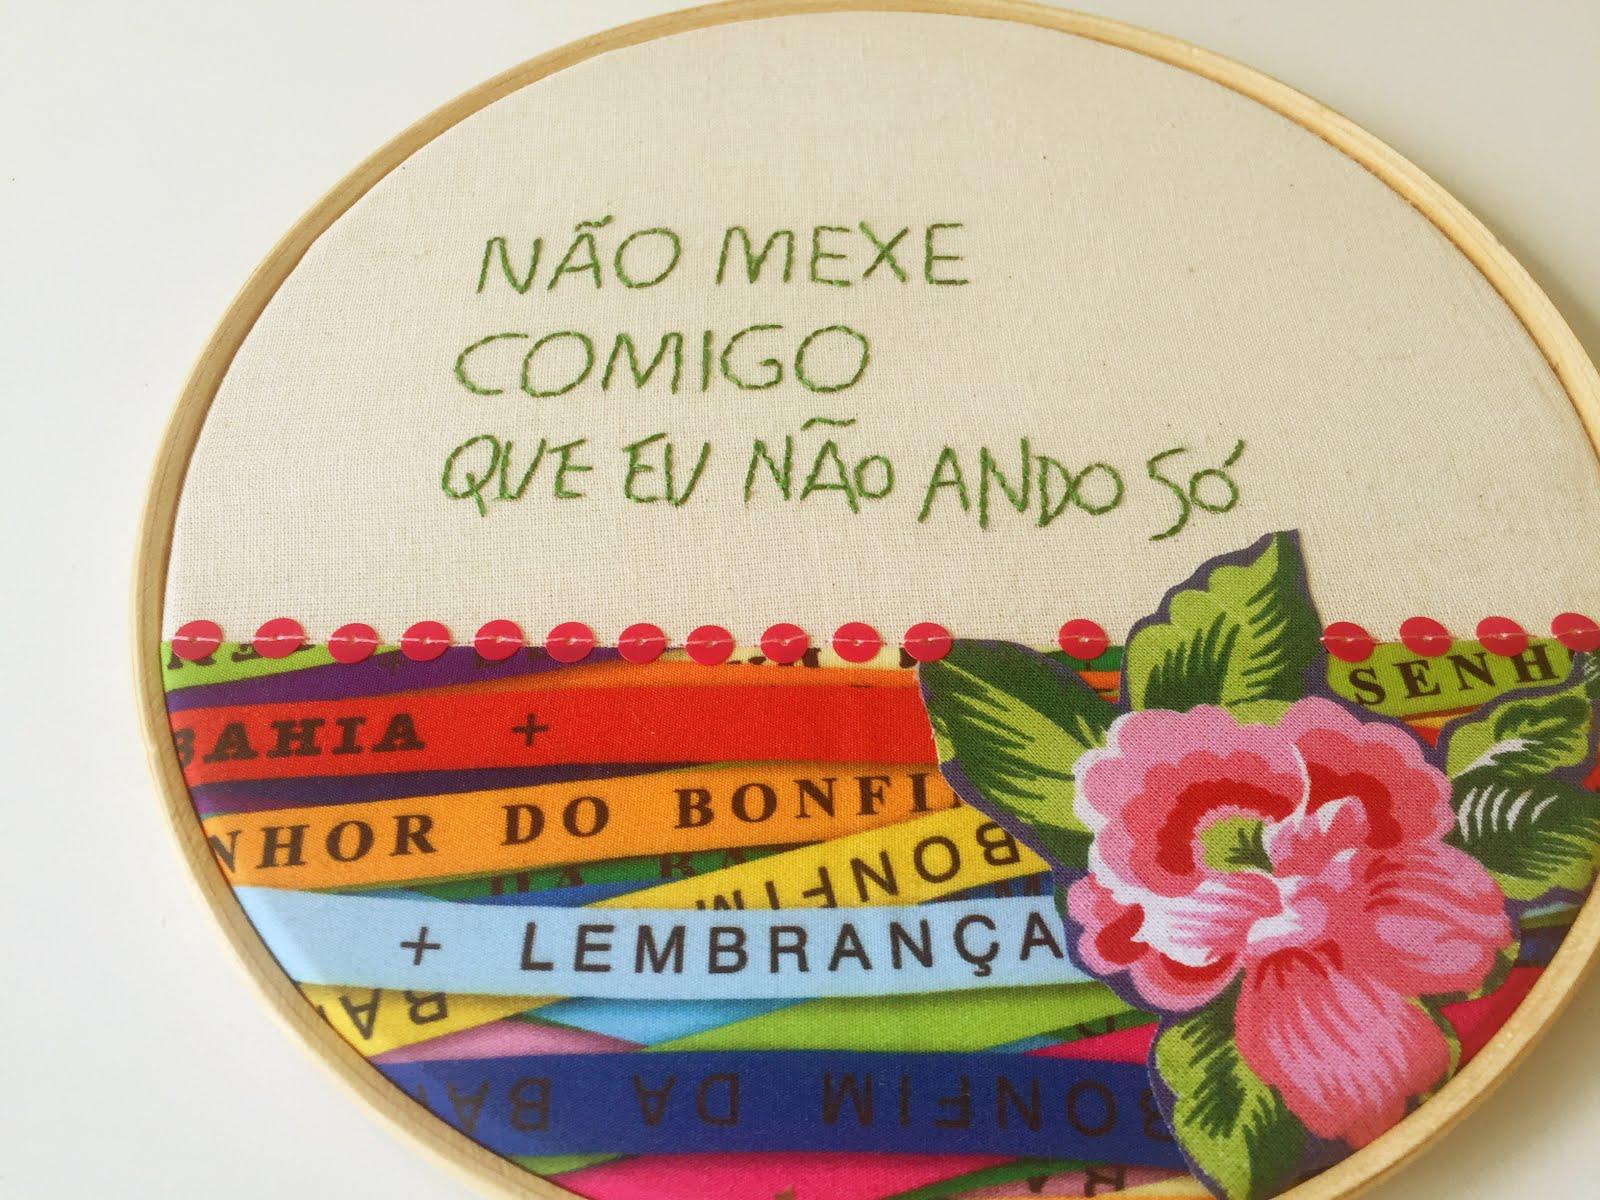 NÃO MEXE COMIGO